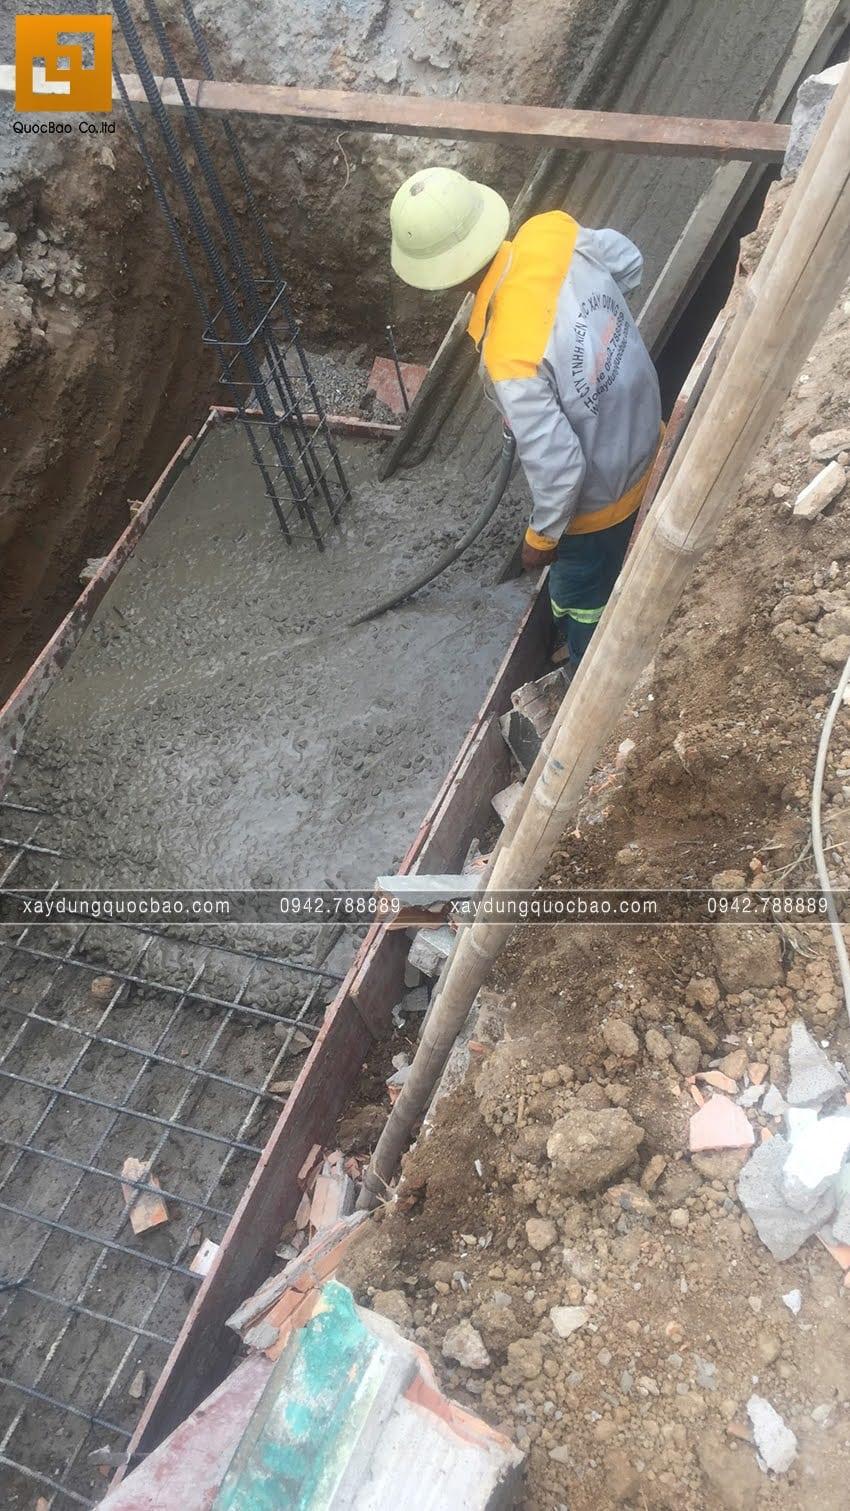 Khởi công nhà phố 3 tầng tại Vĩnh Cửu của chú Thanh - Ảnh 28